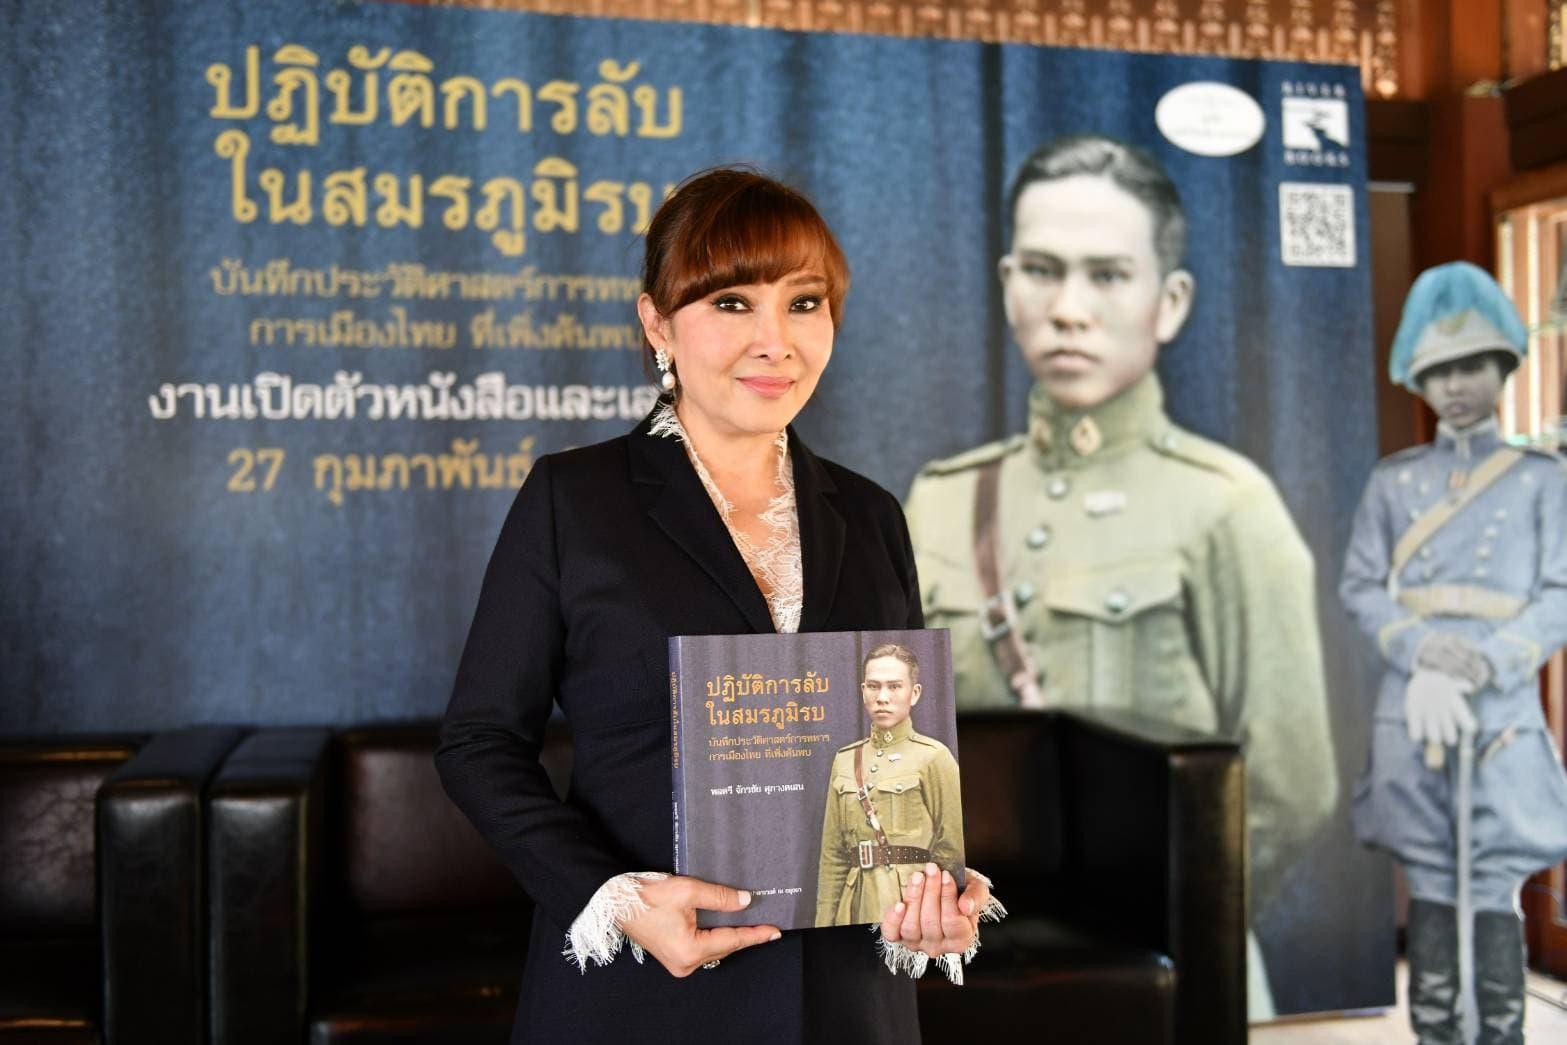 """เปิดตัวหนังสือ """"ปฏิบัติการลับ ในสมรภูมิรบ""""ตีแผ่การเมืองการทหารยุคเสรีไทย-สงครามมหาเอเชียบูรพา"""